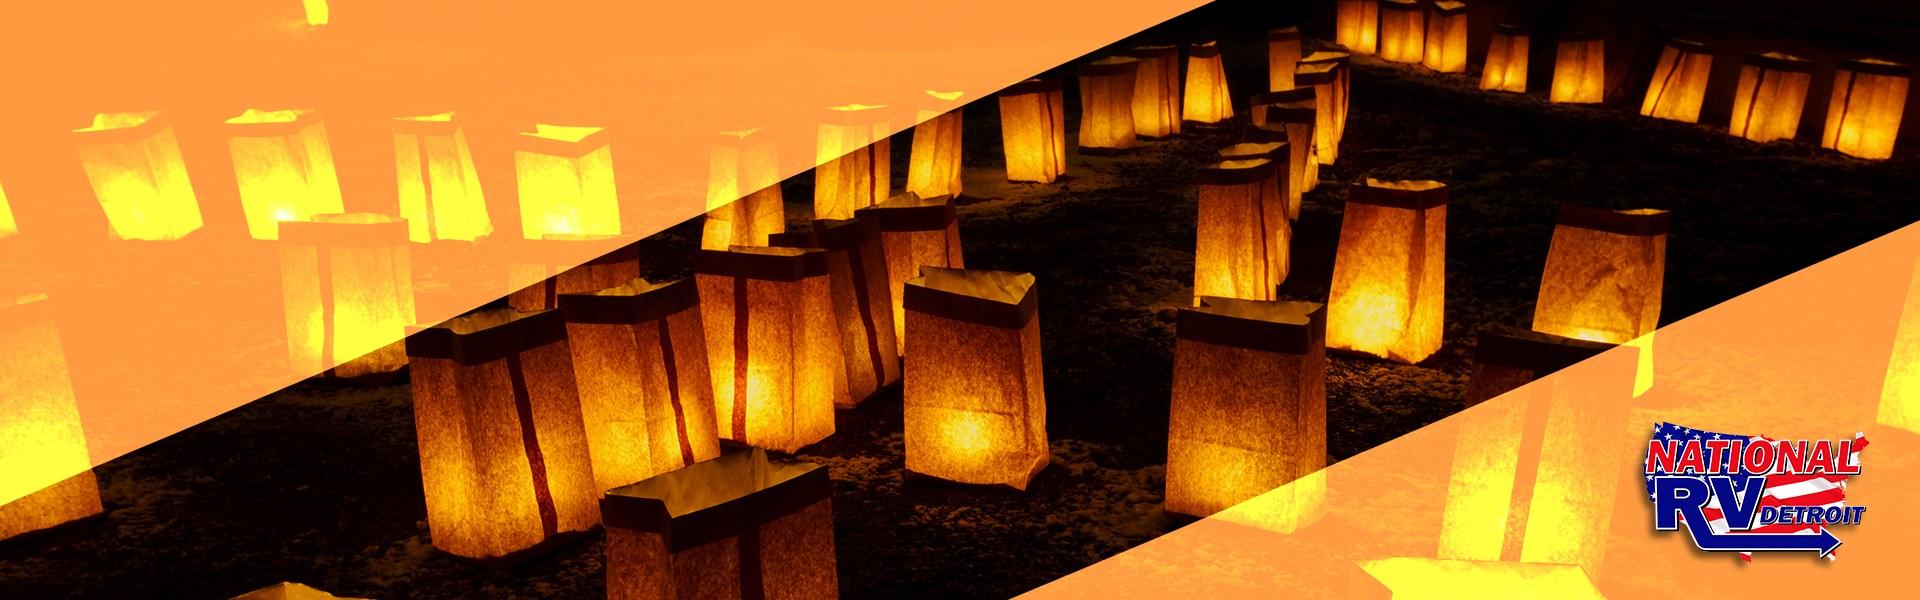 Paper Lanterns at night and orange stripes